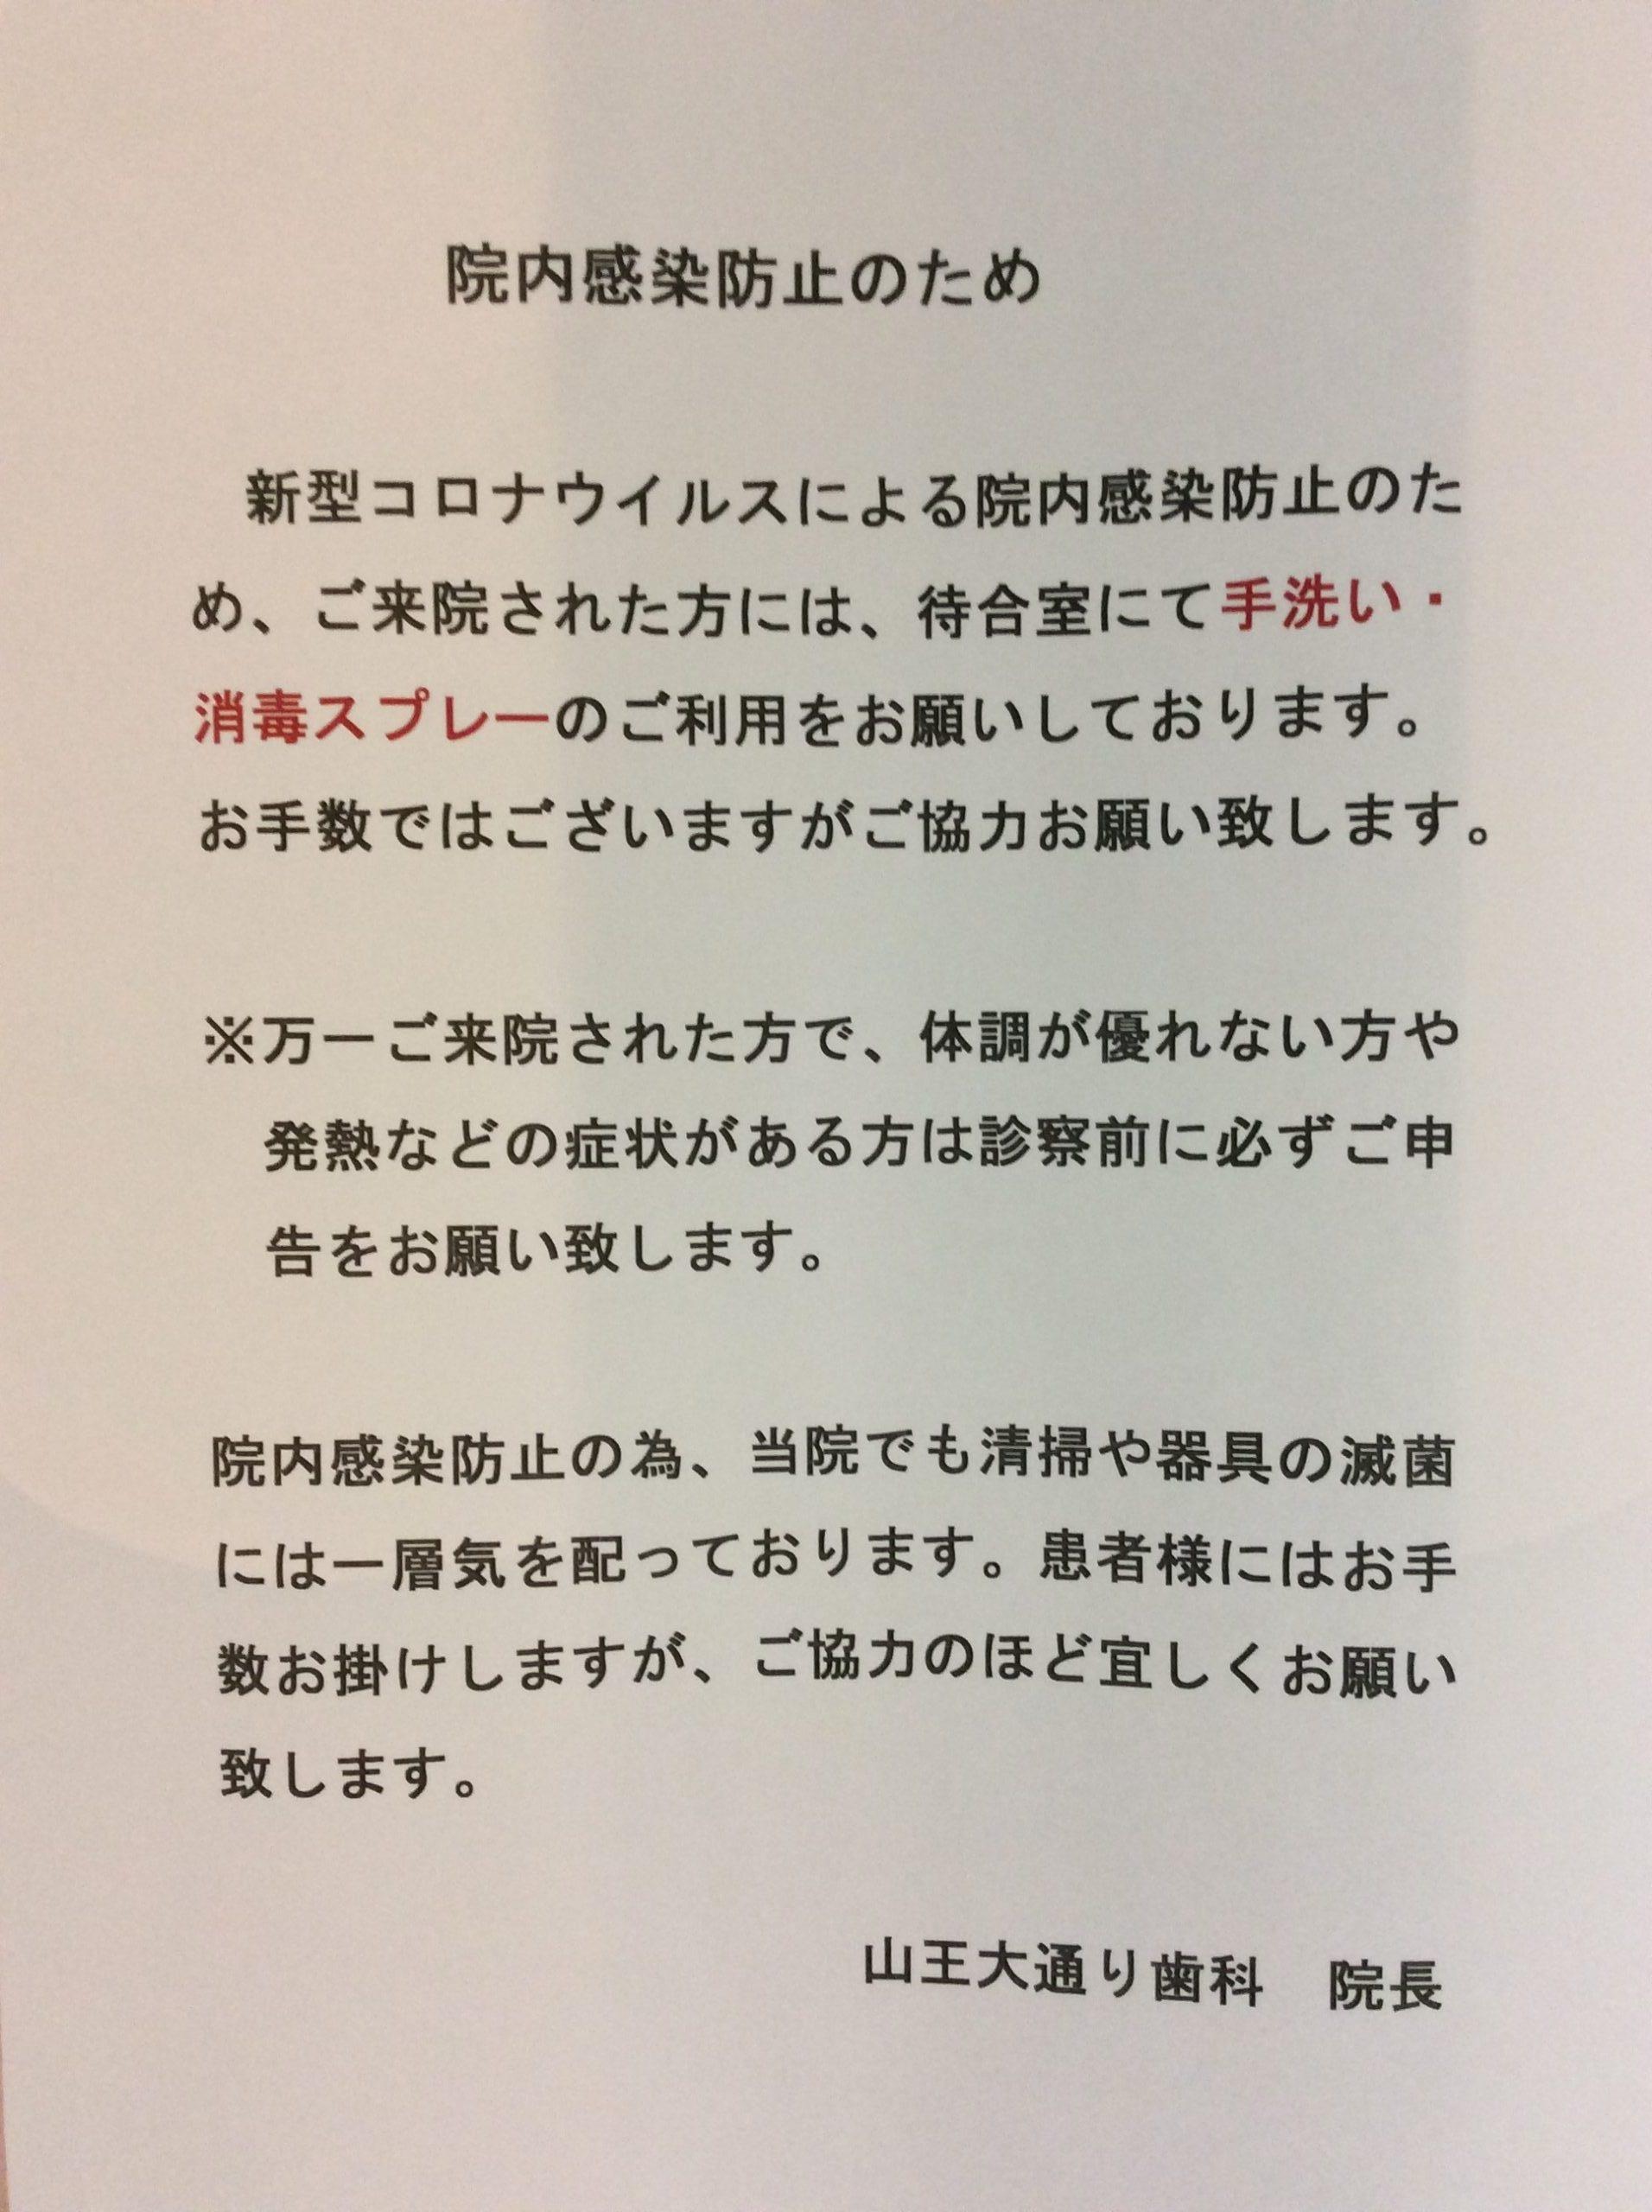 コロナ 秋田 感染 市